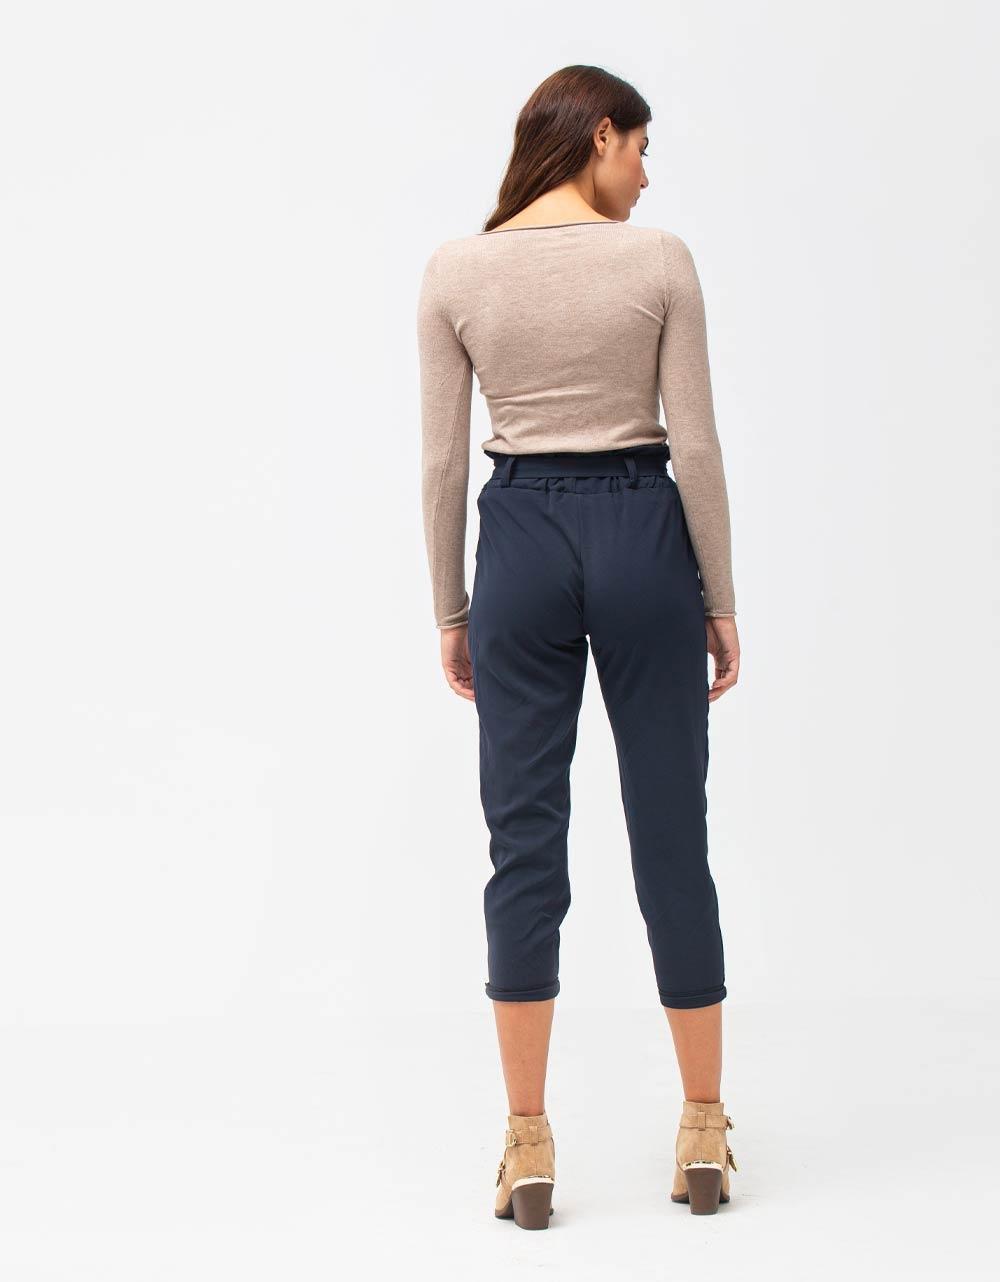 Εικόνα από Γυναικεία μπλούζα σε απλή γραμμή Μπεζ